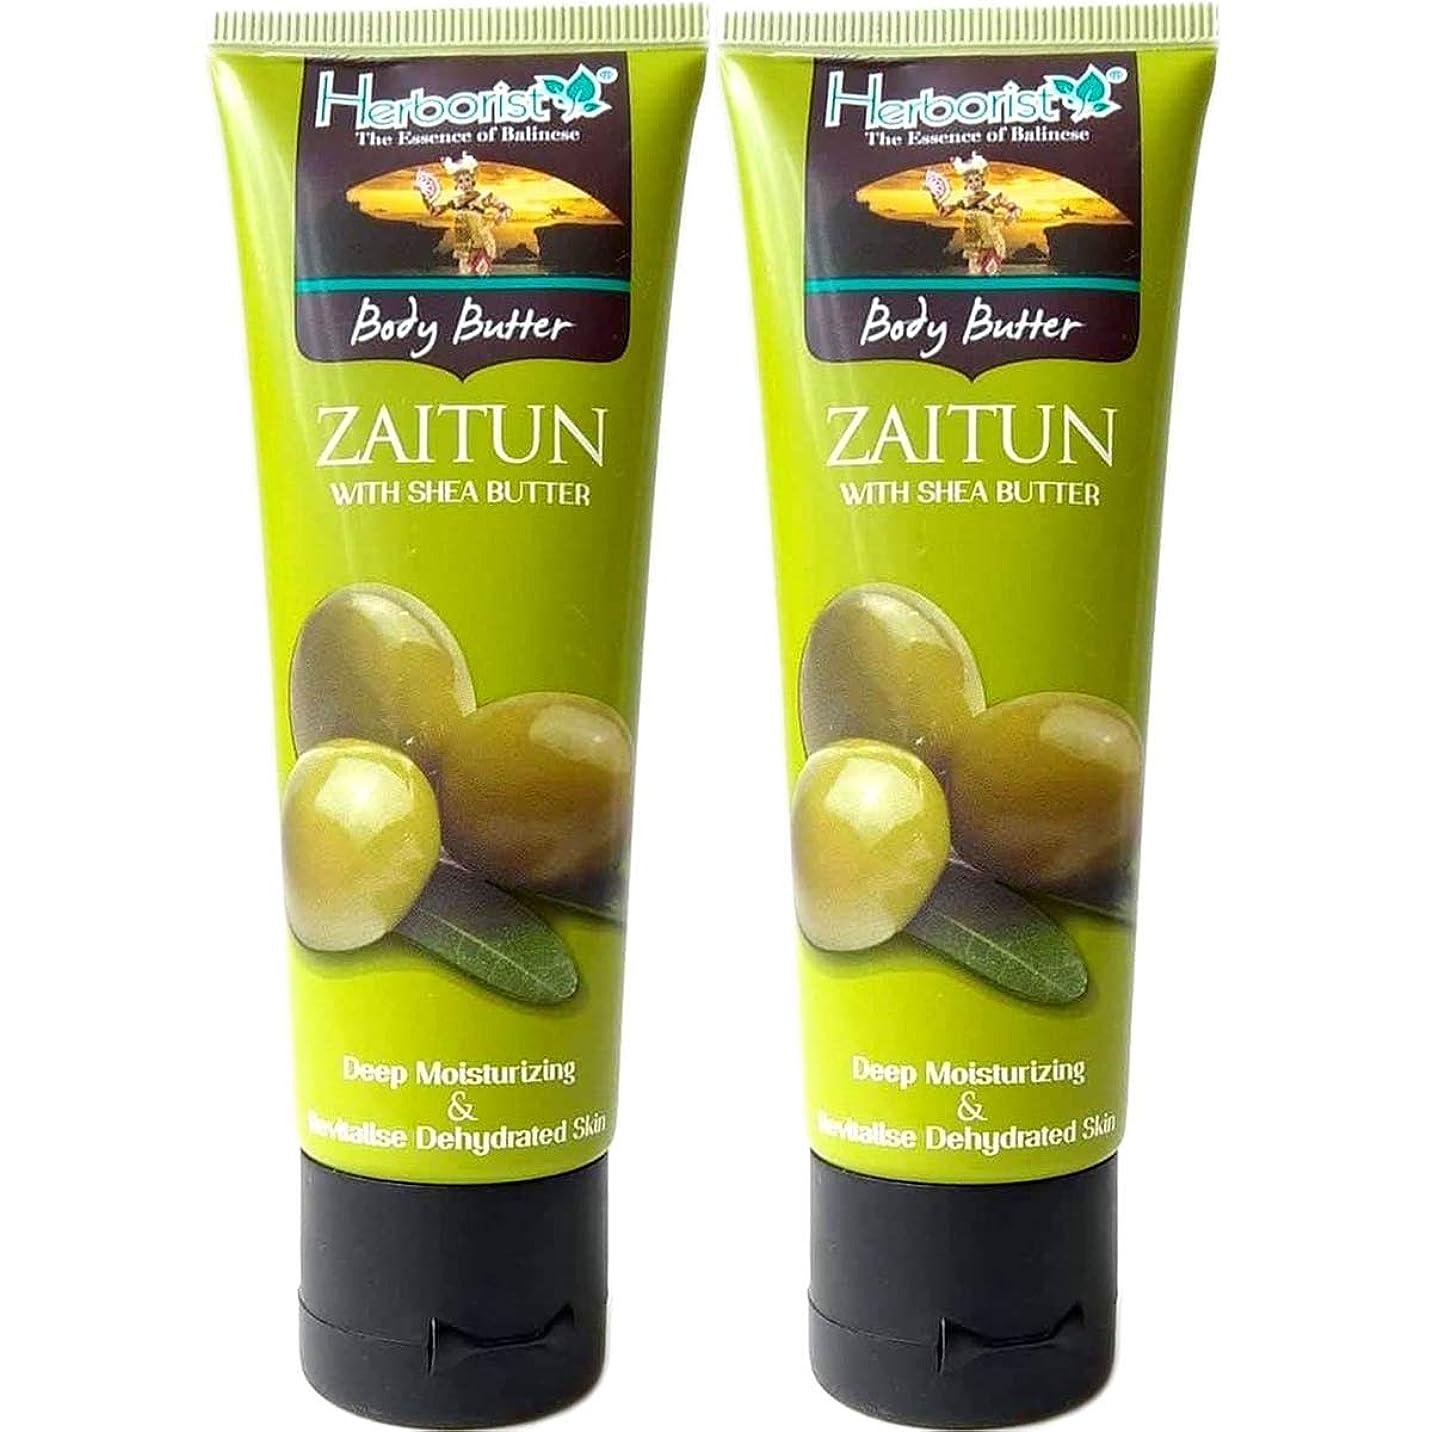 バレーボールプログレッシブ施設Herborist ハーボリスト Body Butter ボディバター バリスイーツの香り シアバター配合 80g×2個セット Olive Zaitun オリーブ [海外直送品]